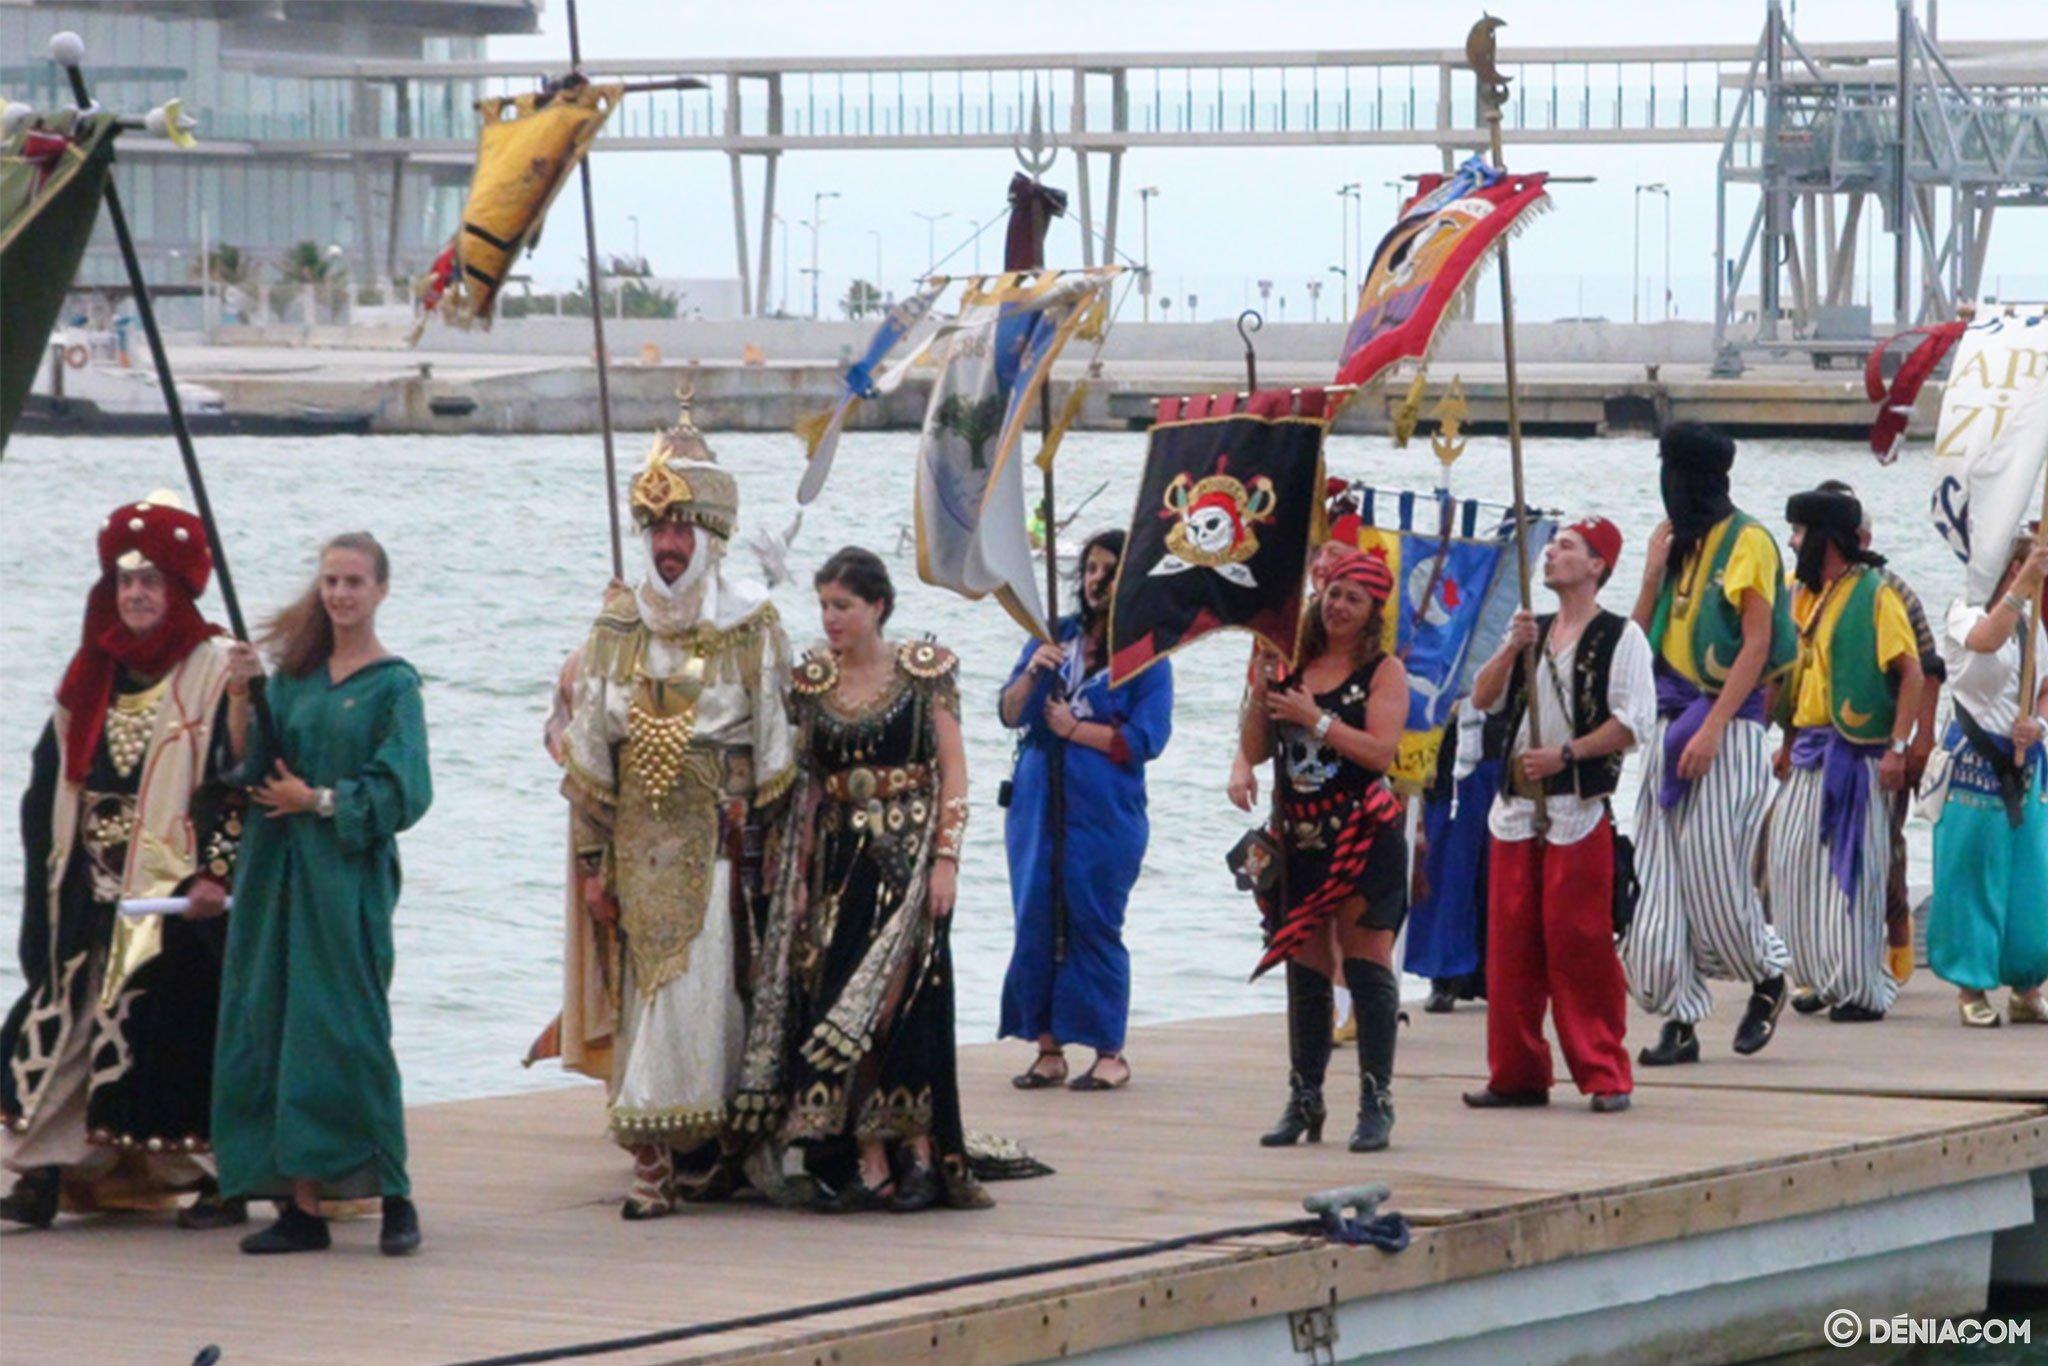 Desembarco moro Dénia 2014 01 – llegada de las tropas a puerto